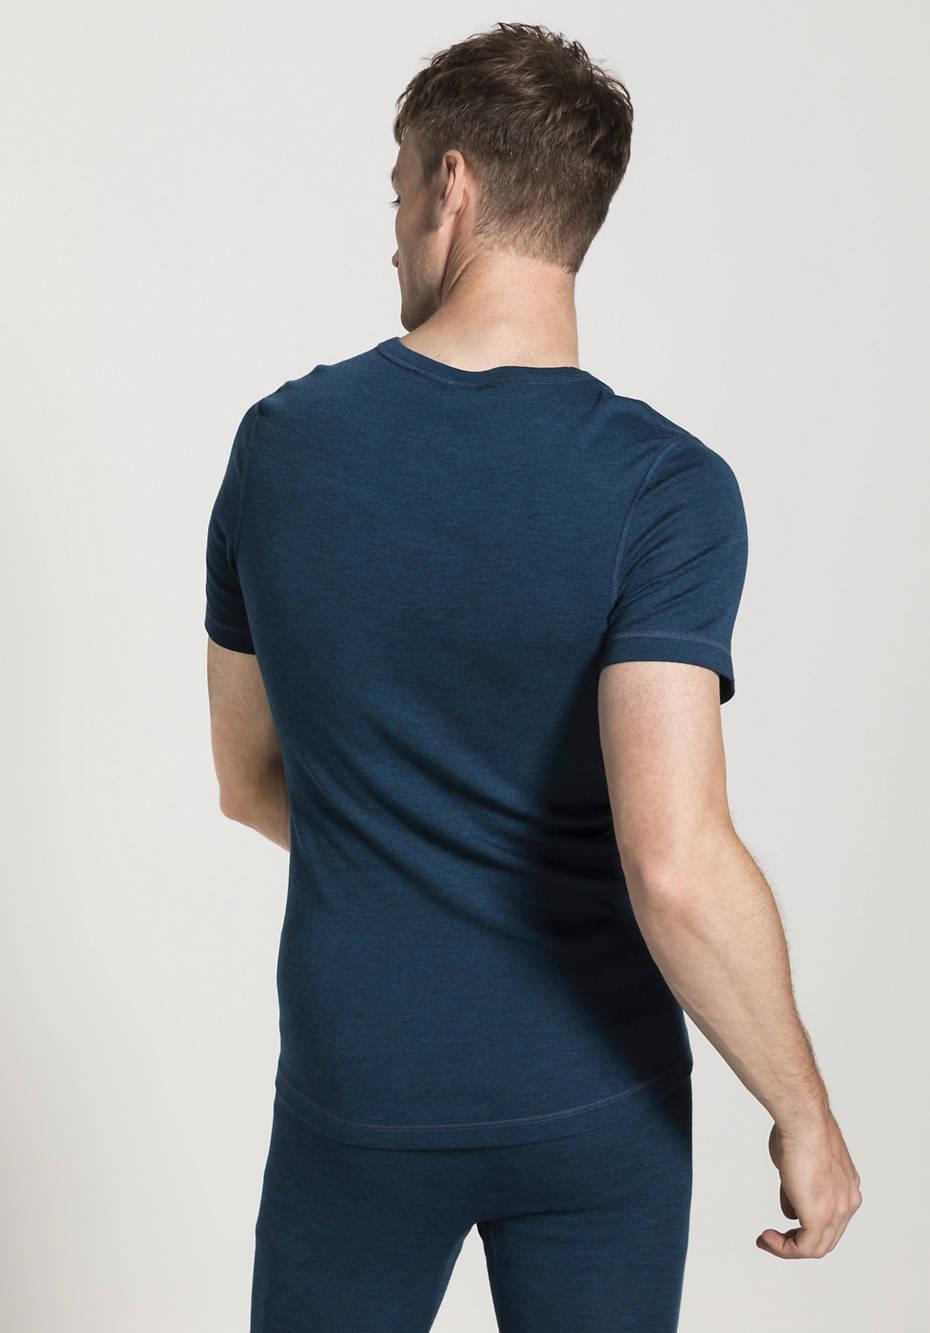 Herren Halbarm-Shirt PureWOOL aus reiner Bio-Merinowolle